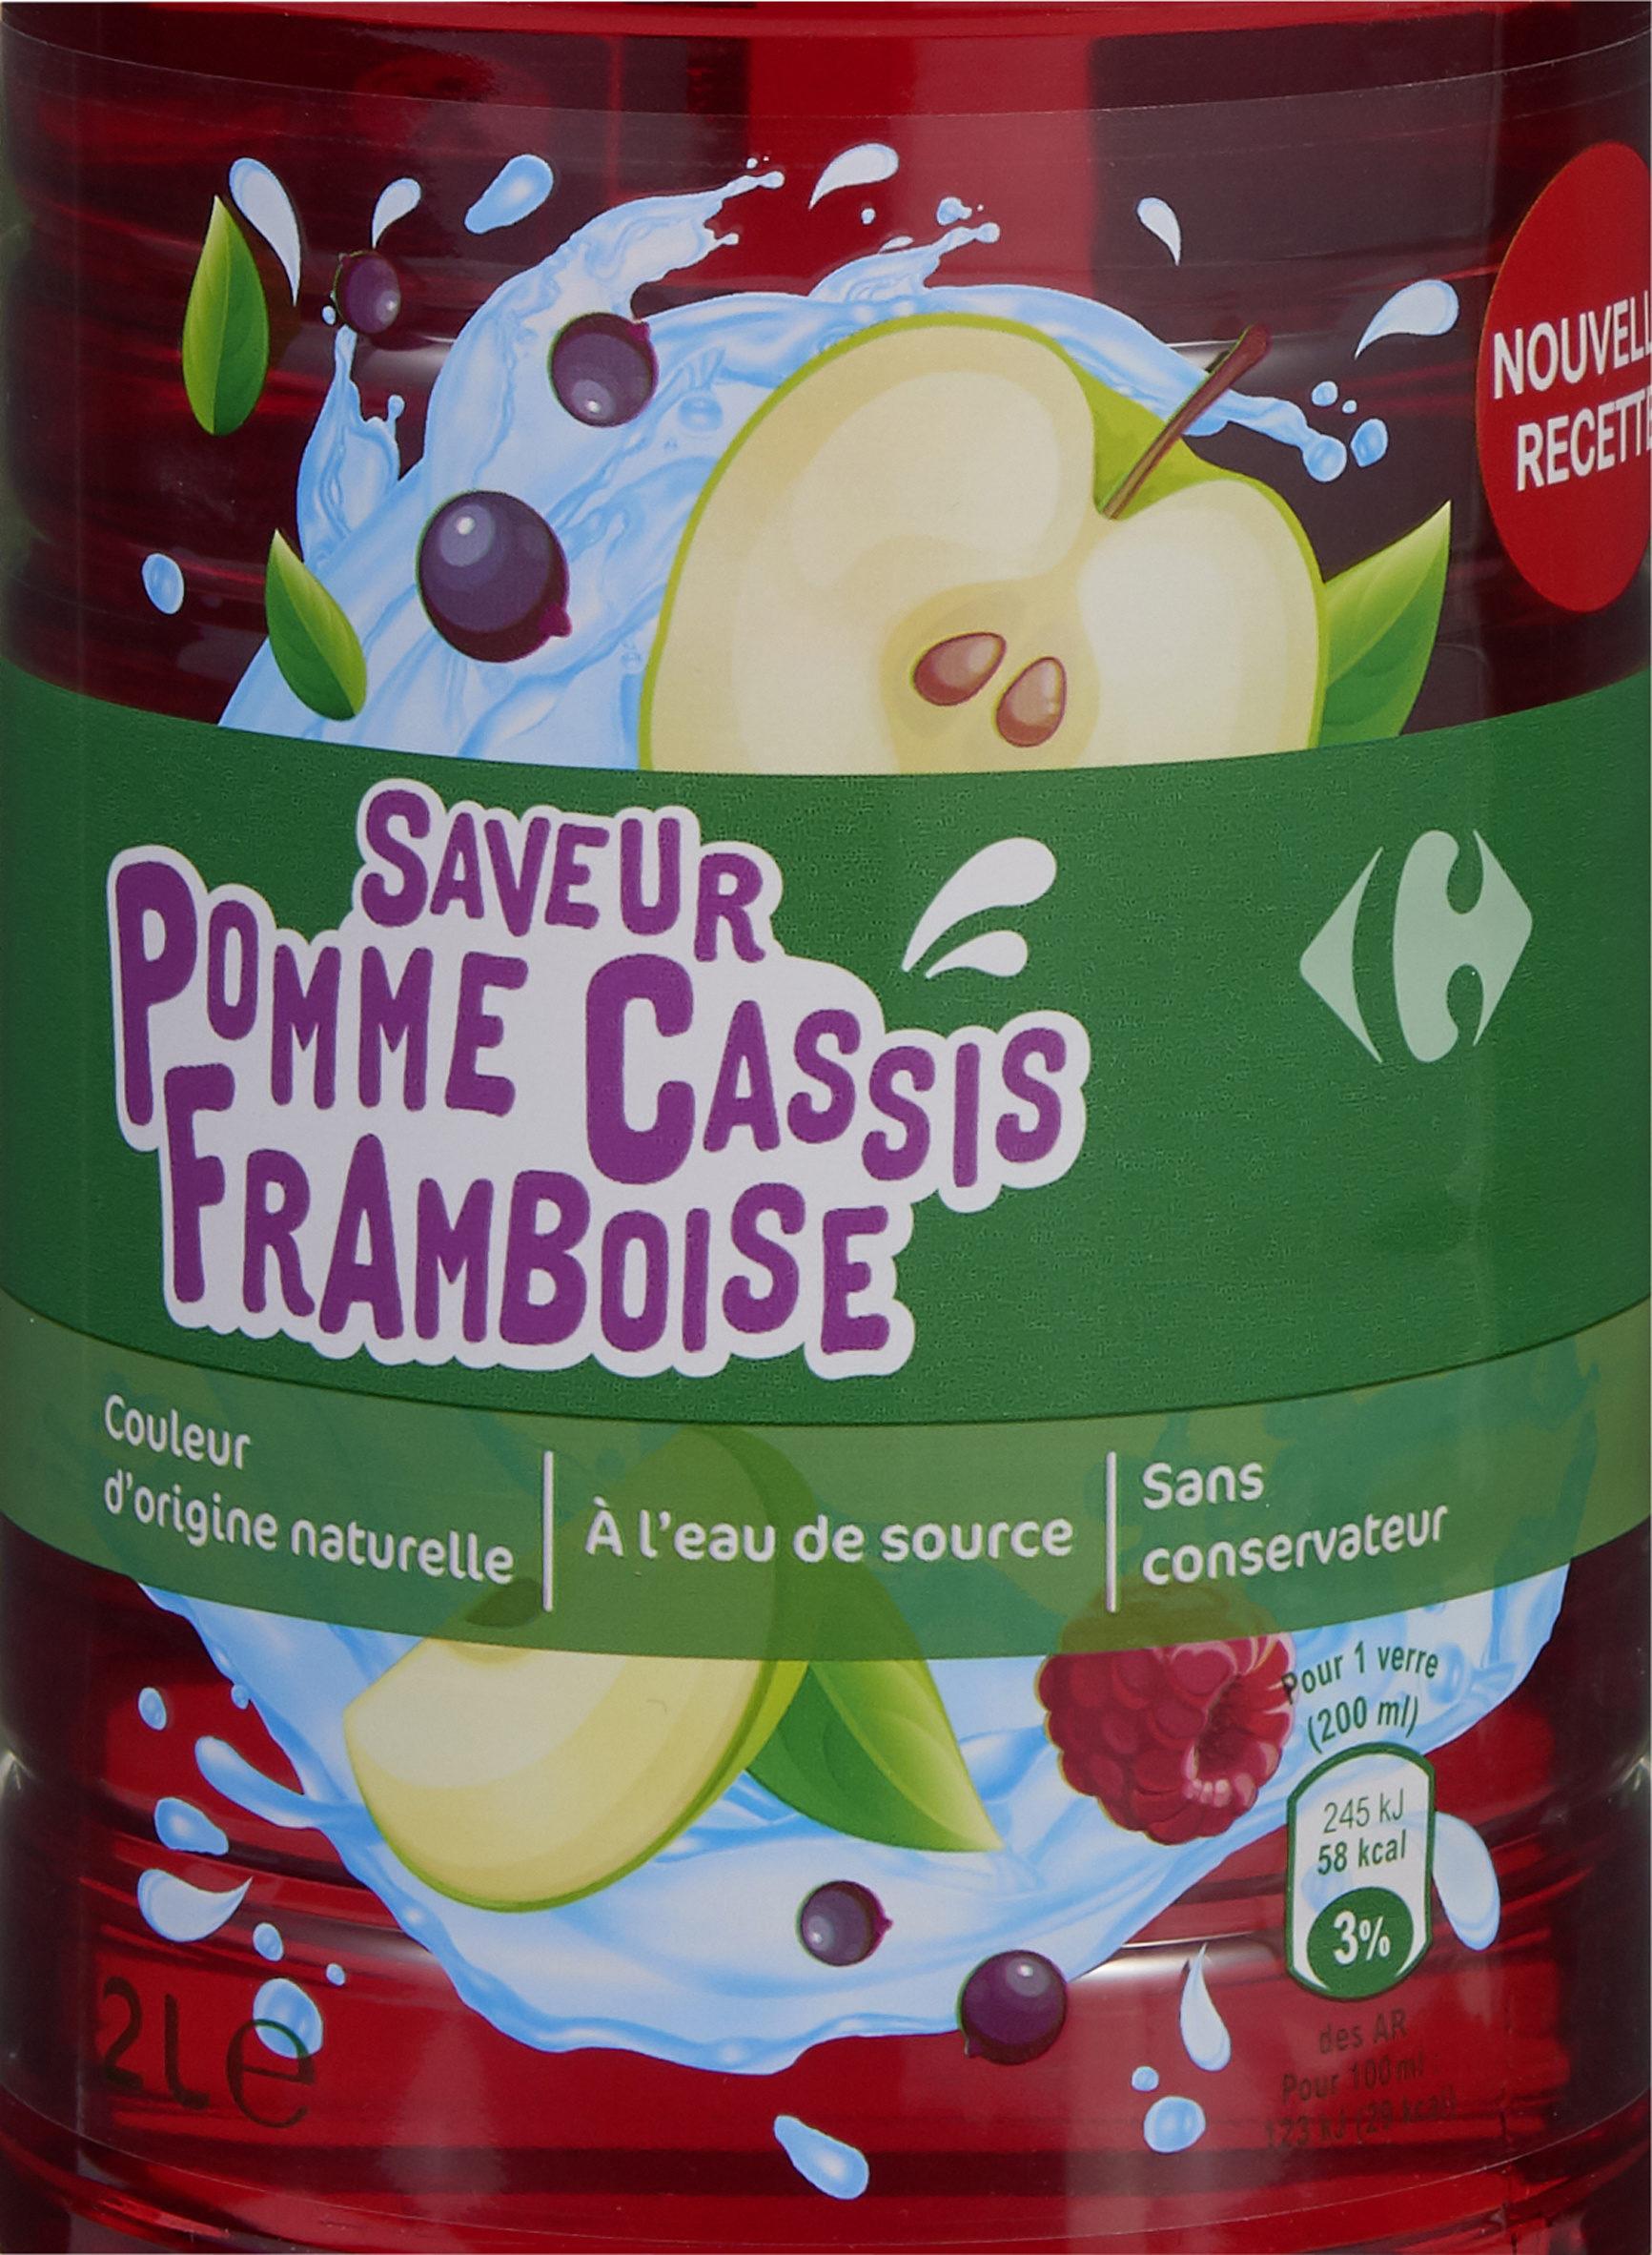 Saveur pomme cassis framboise - Produit - fr